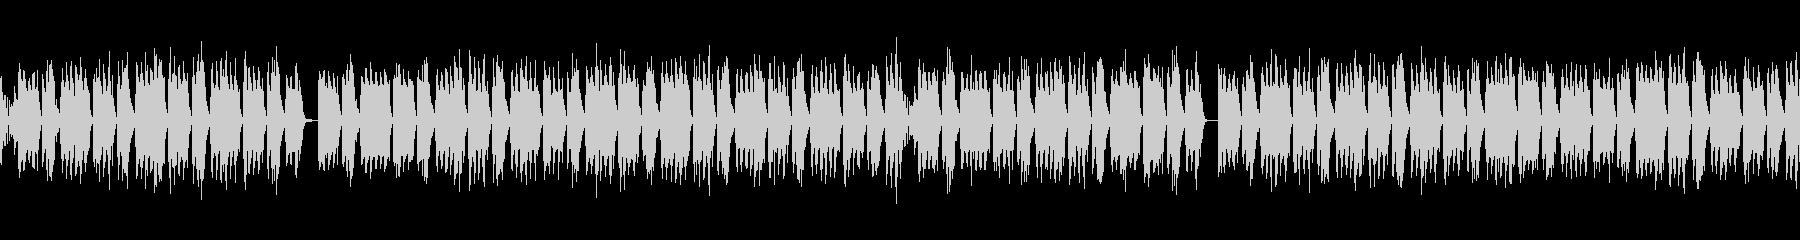 シンプルFutureBass(ループ)の未再生の波形